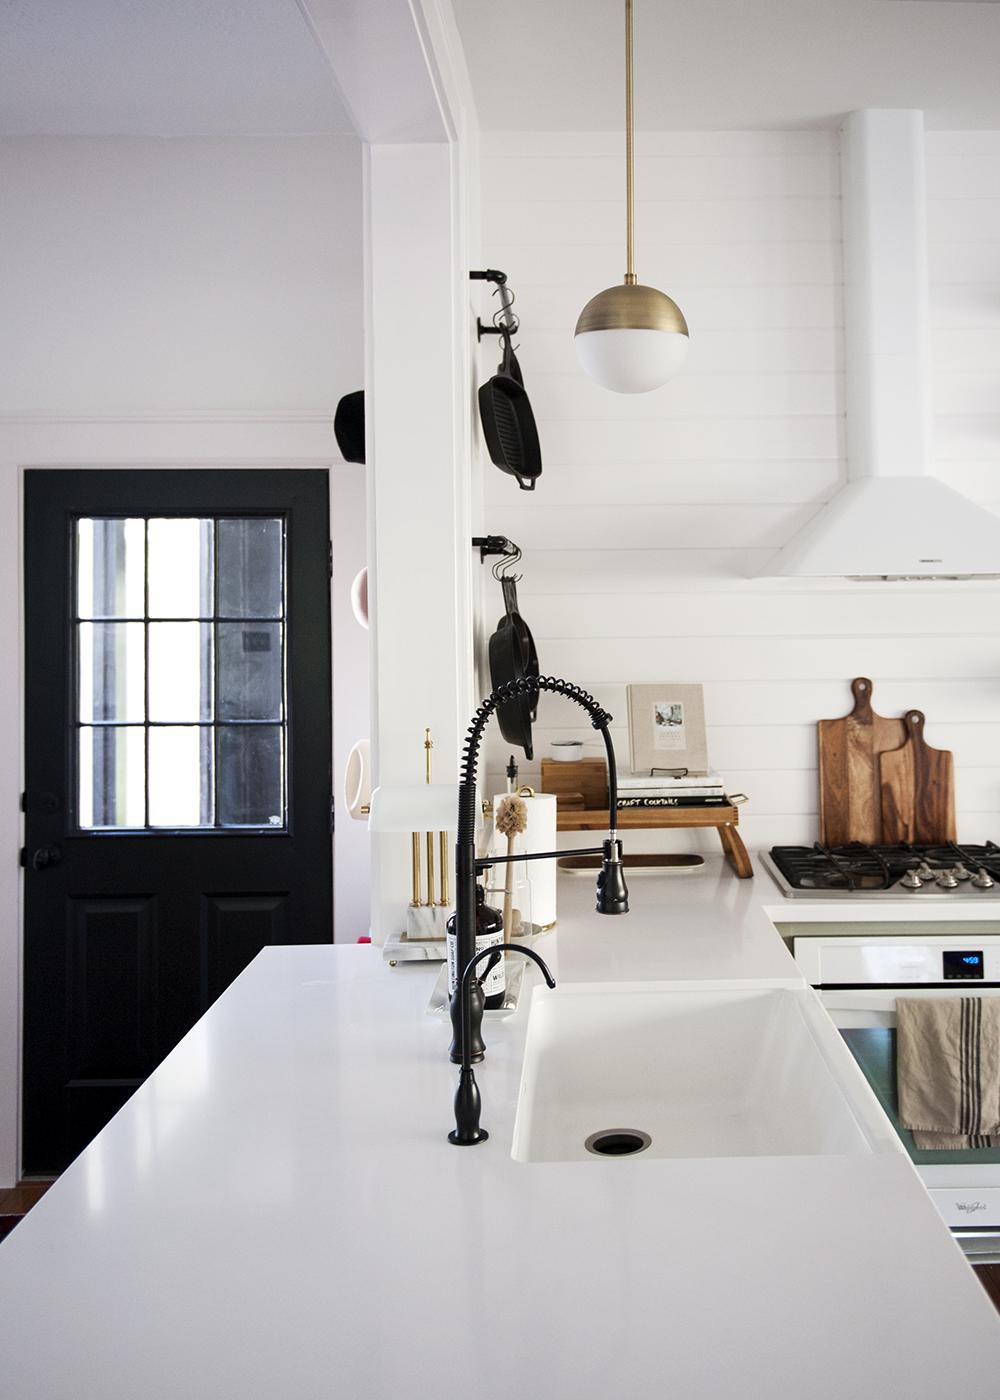 Kitchen_04_DSC_5975.jpg